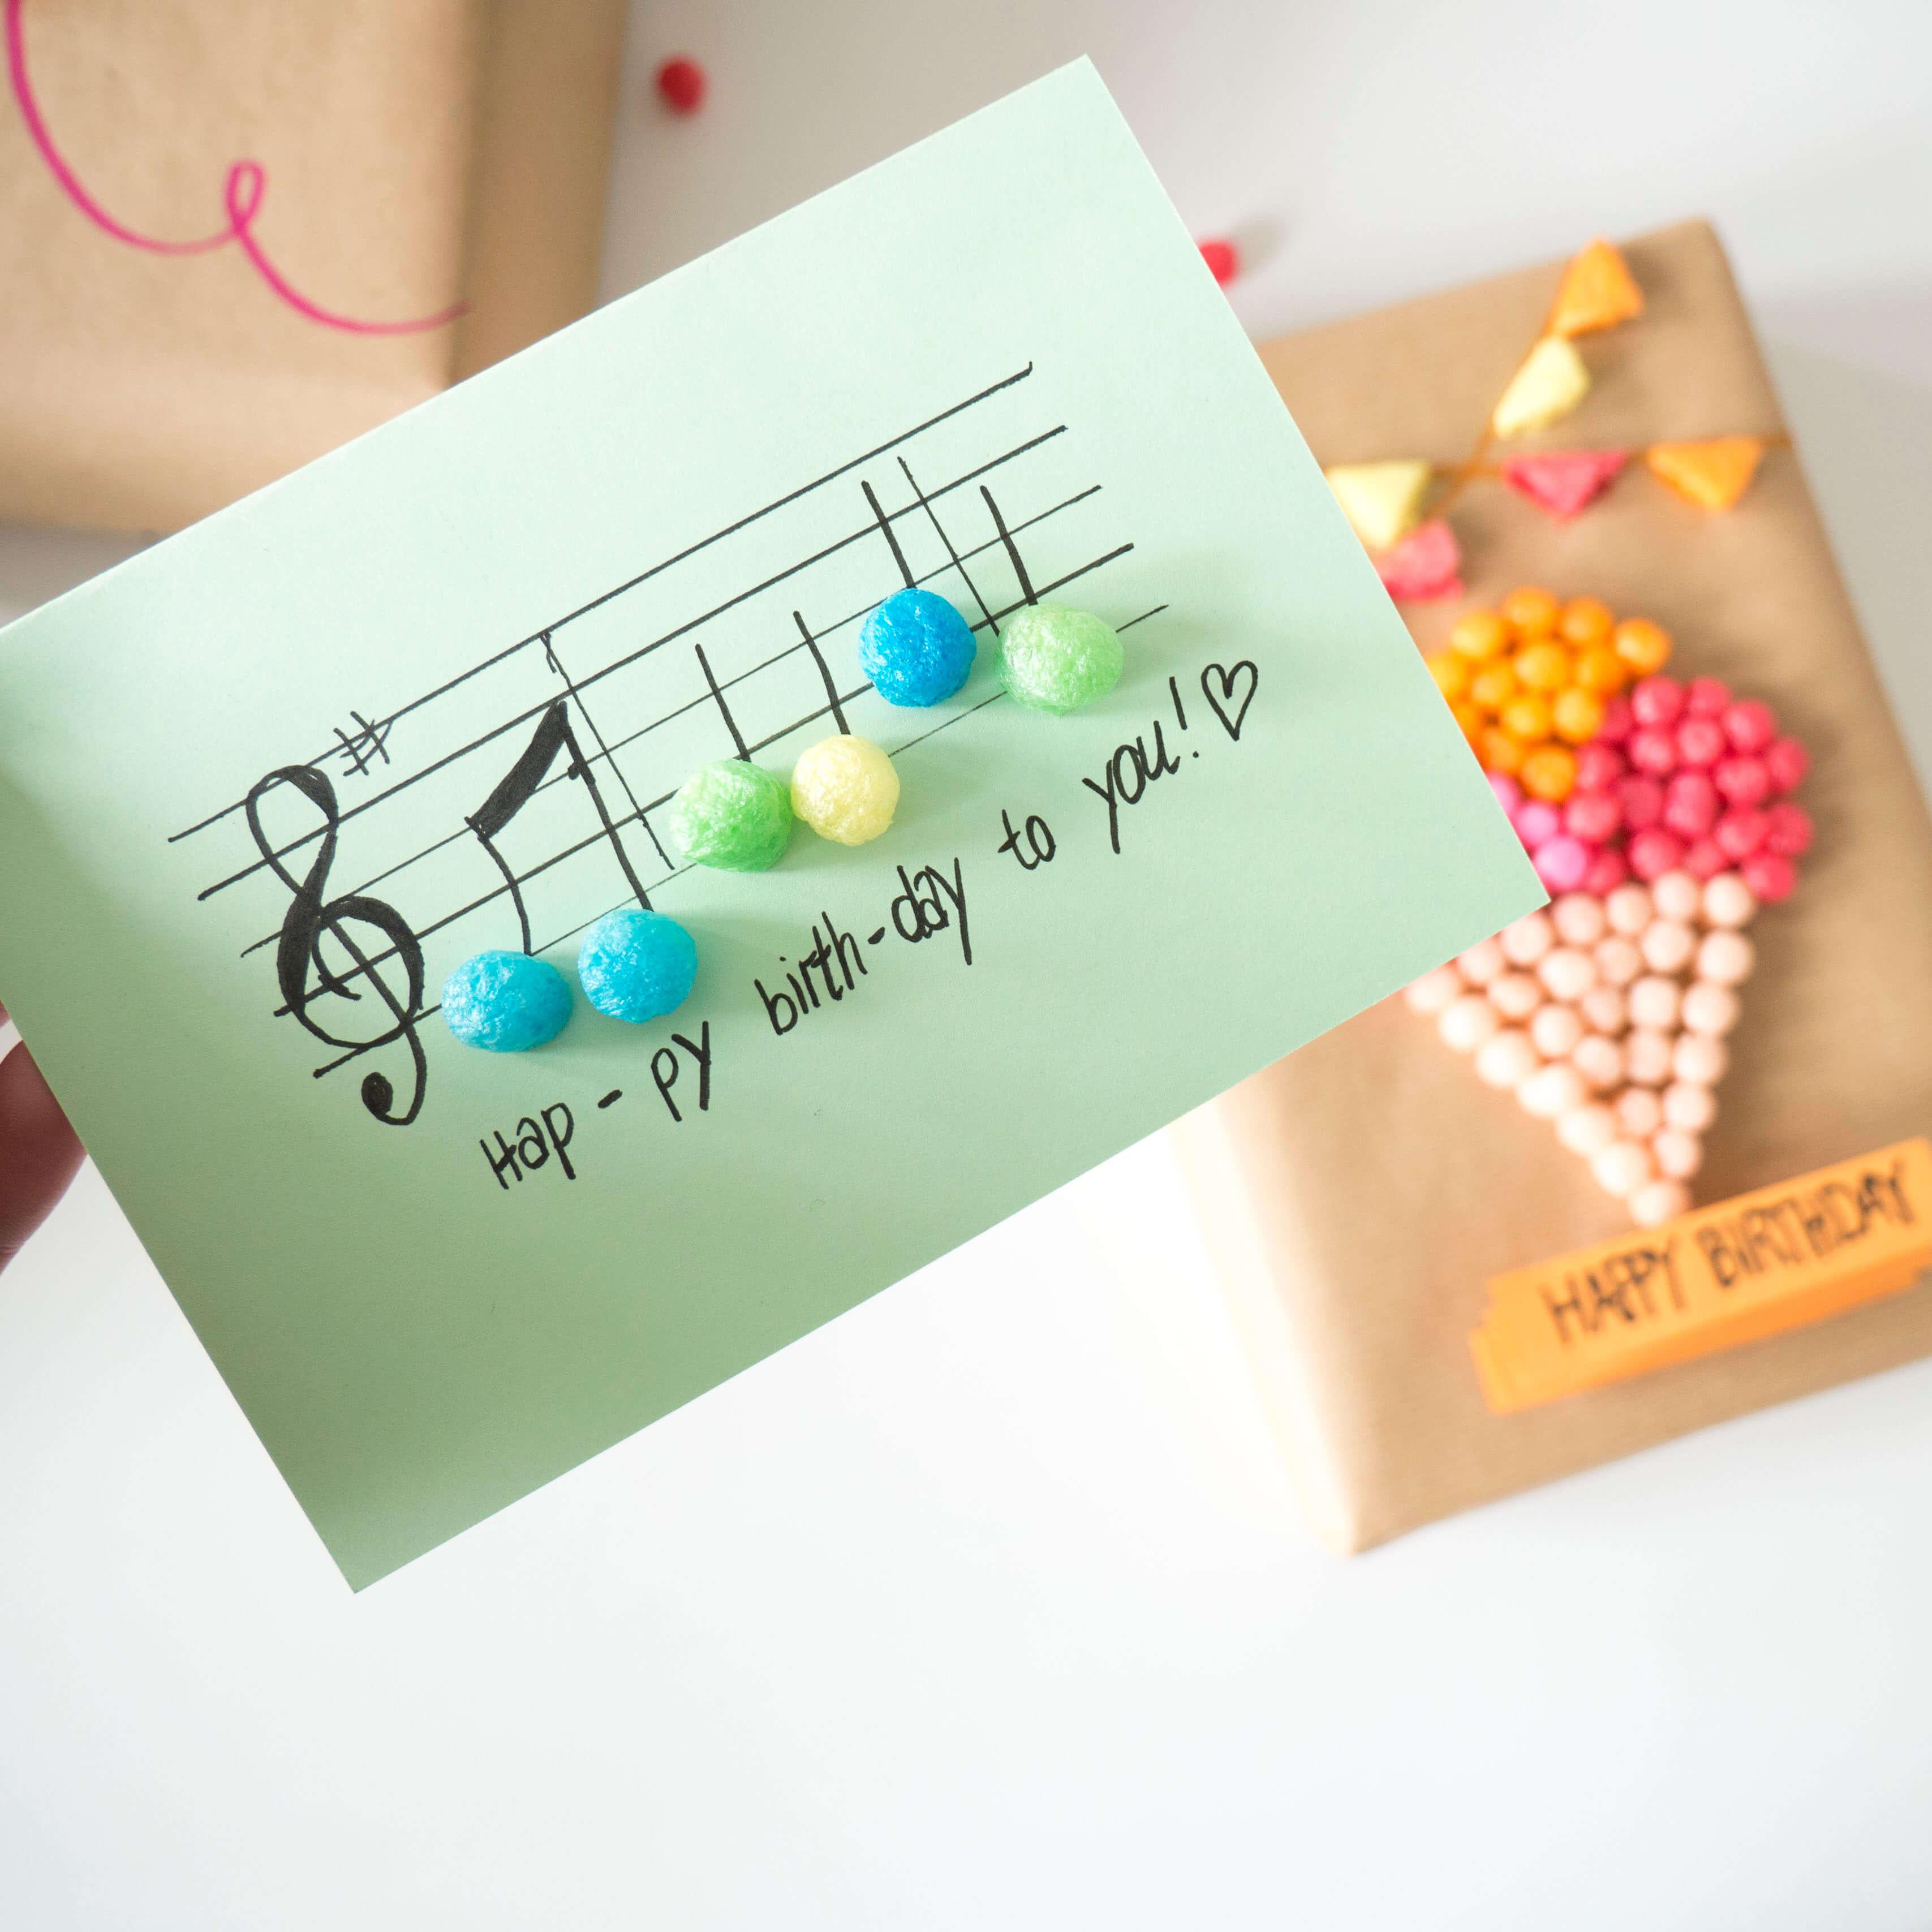 Diy Geburtstagskarte  DIY Kreative Geburtstagskarten und Geschenkverpackungen